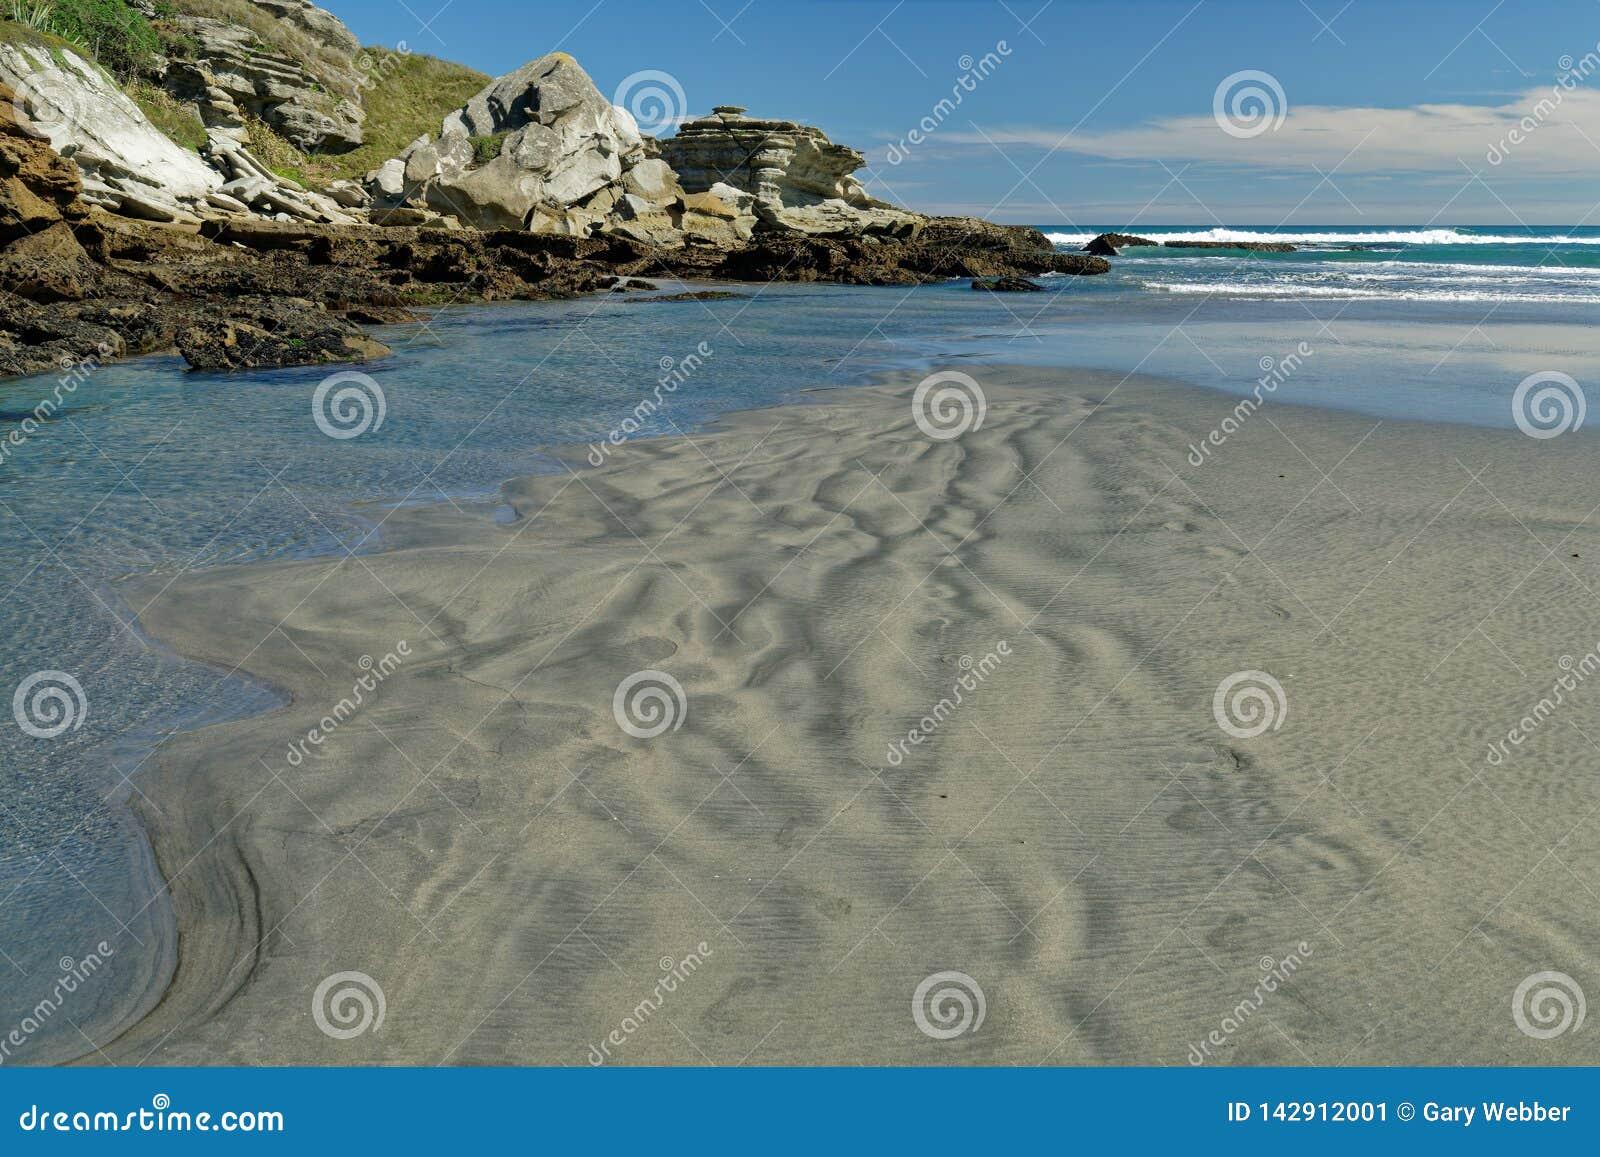 Avlägsen västkustenstrand på den södra ön av Nya Zeeland